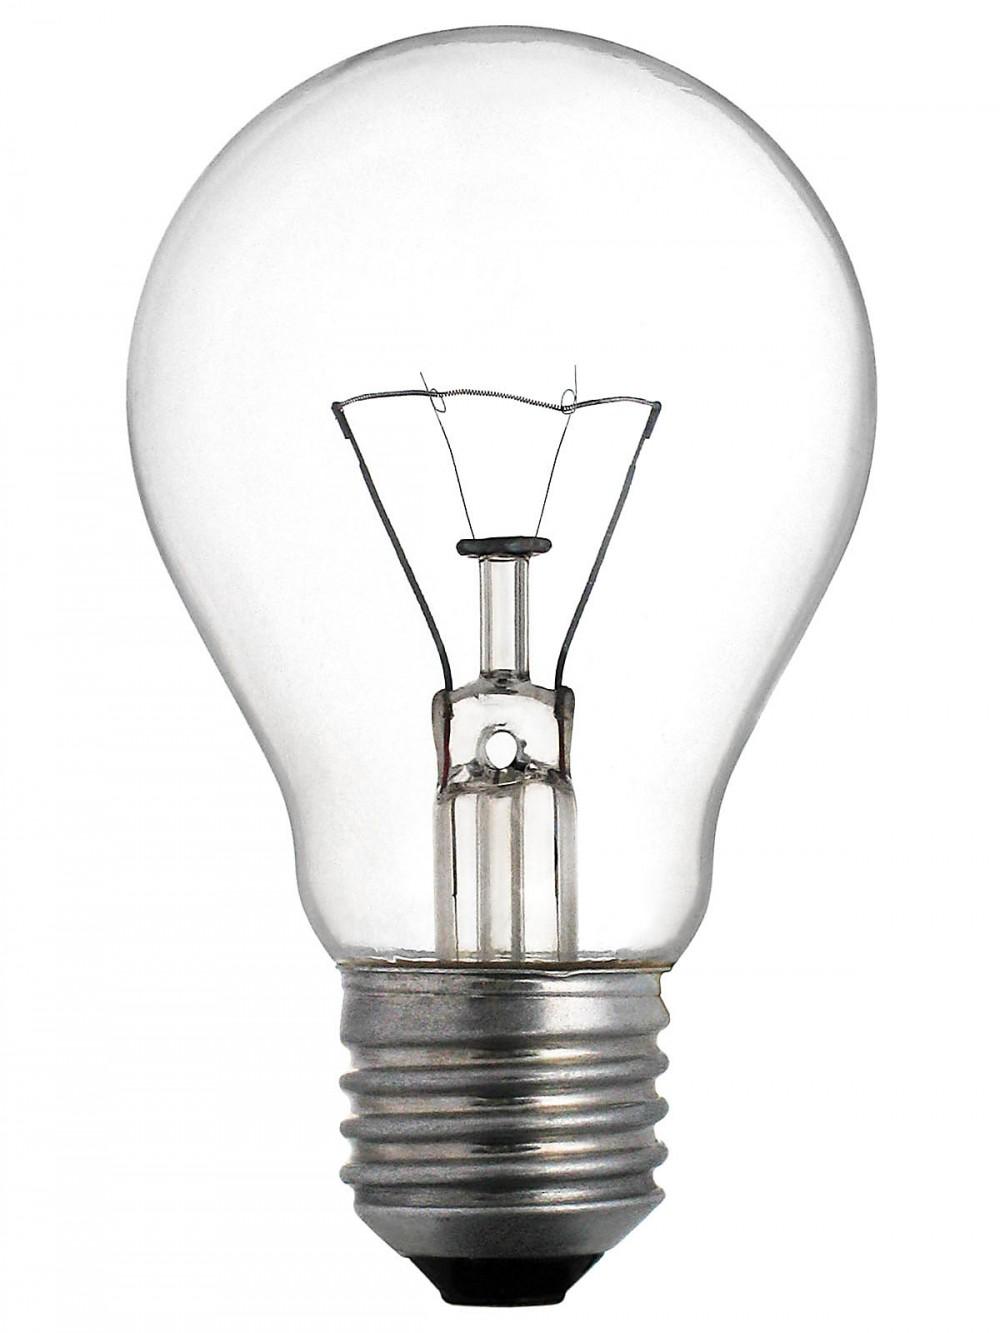 Can You Still Get Incandescent Light Bulbs